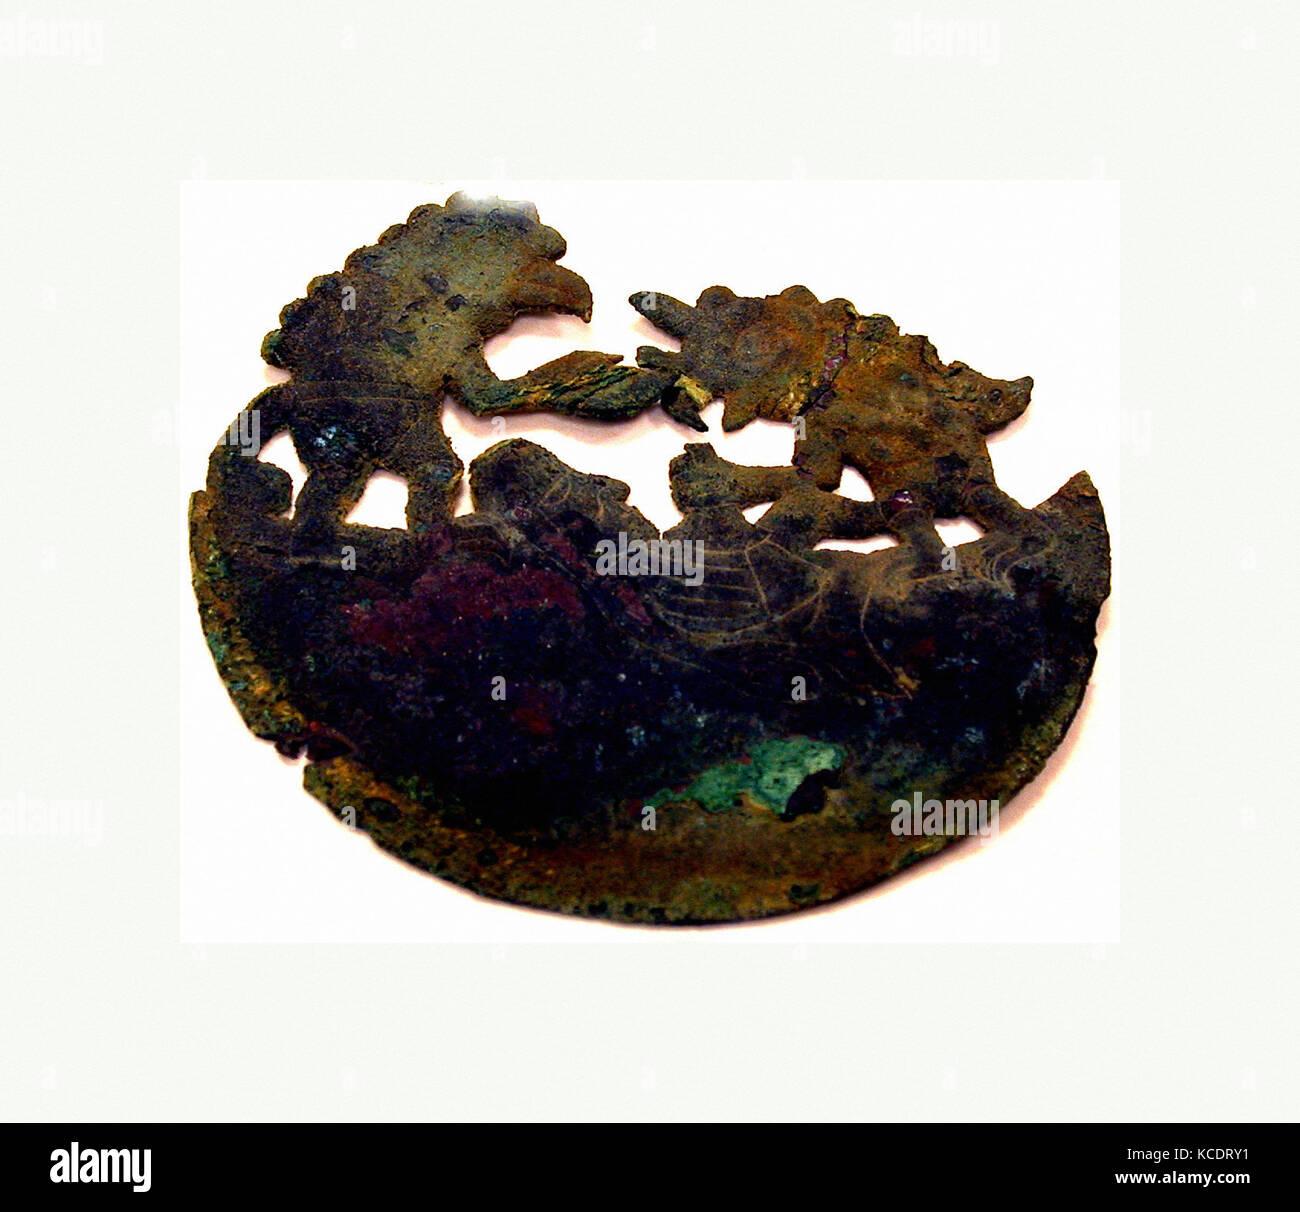 Animal Ornament, 390–450, Peru, Moche (Loma Negra), Copper, H. 3 7/8 x W. 4 1/8 in. (9.8 x 10.5 cm), Metal-Ornaments - Stock Image